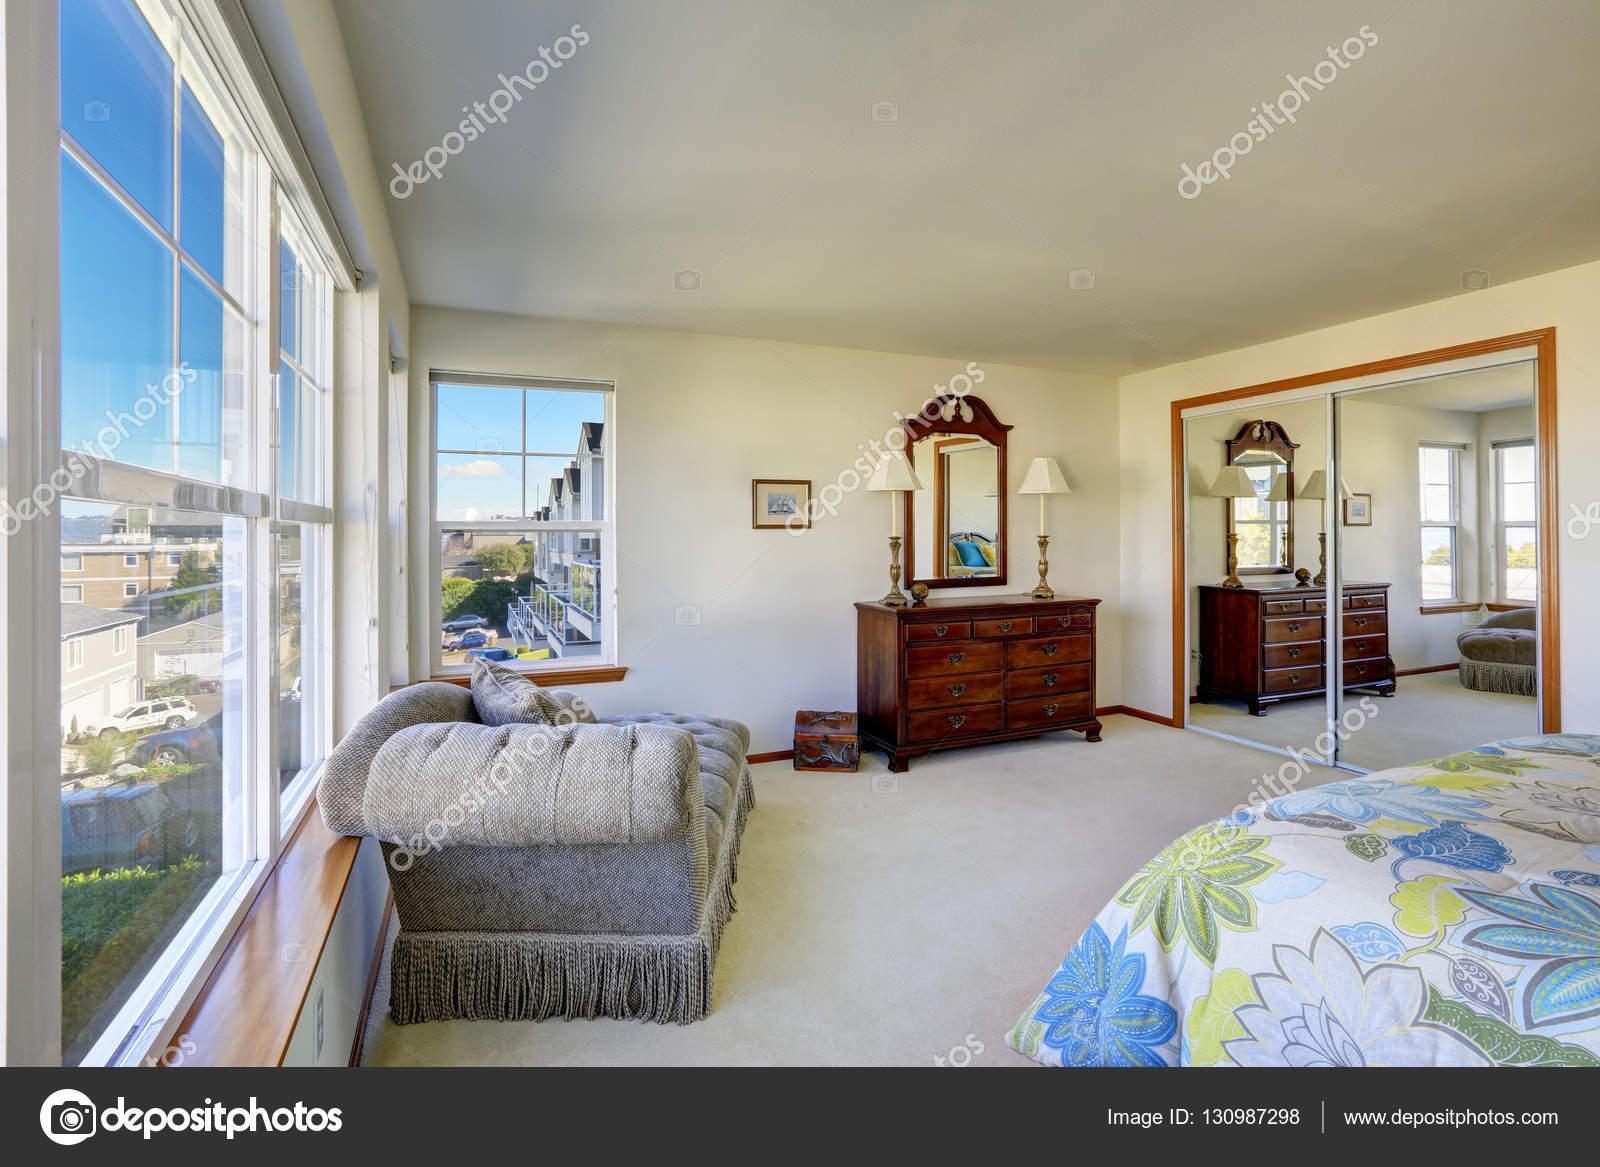 Accogliente camera da letto con letto colorato, vintage armadio e ...